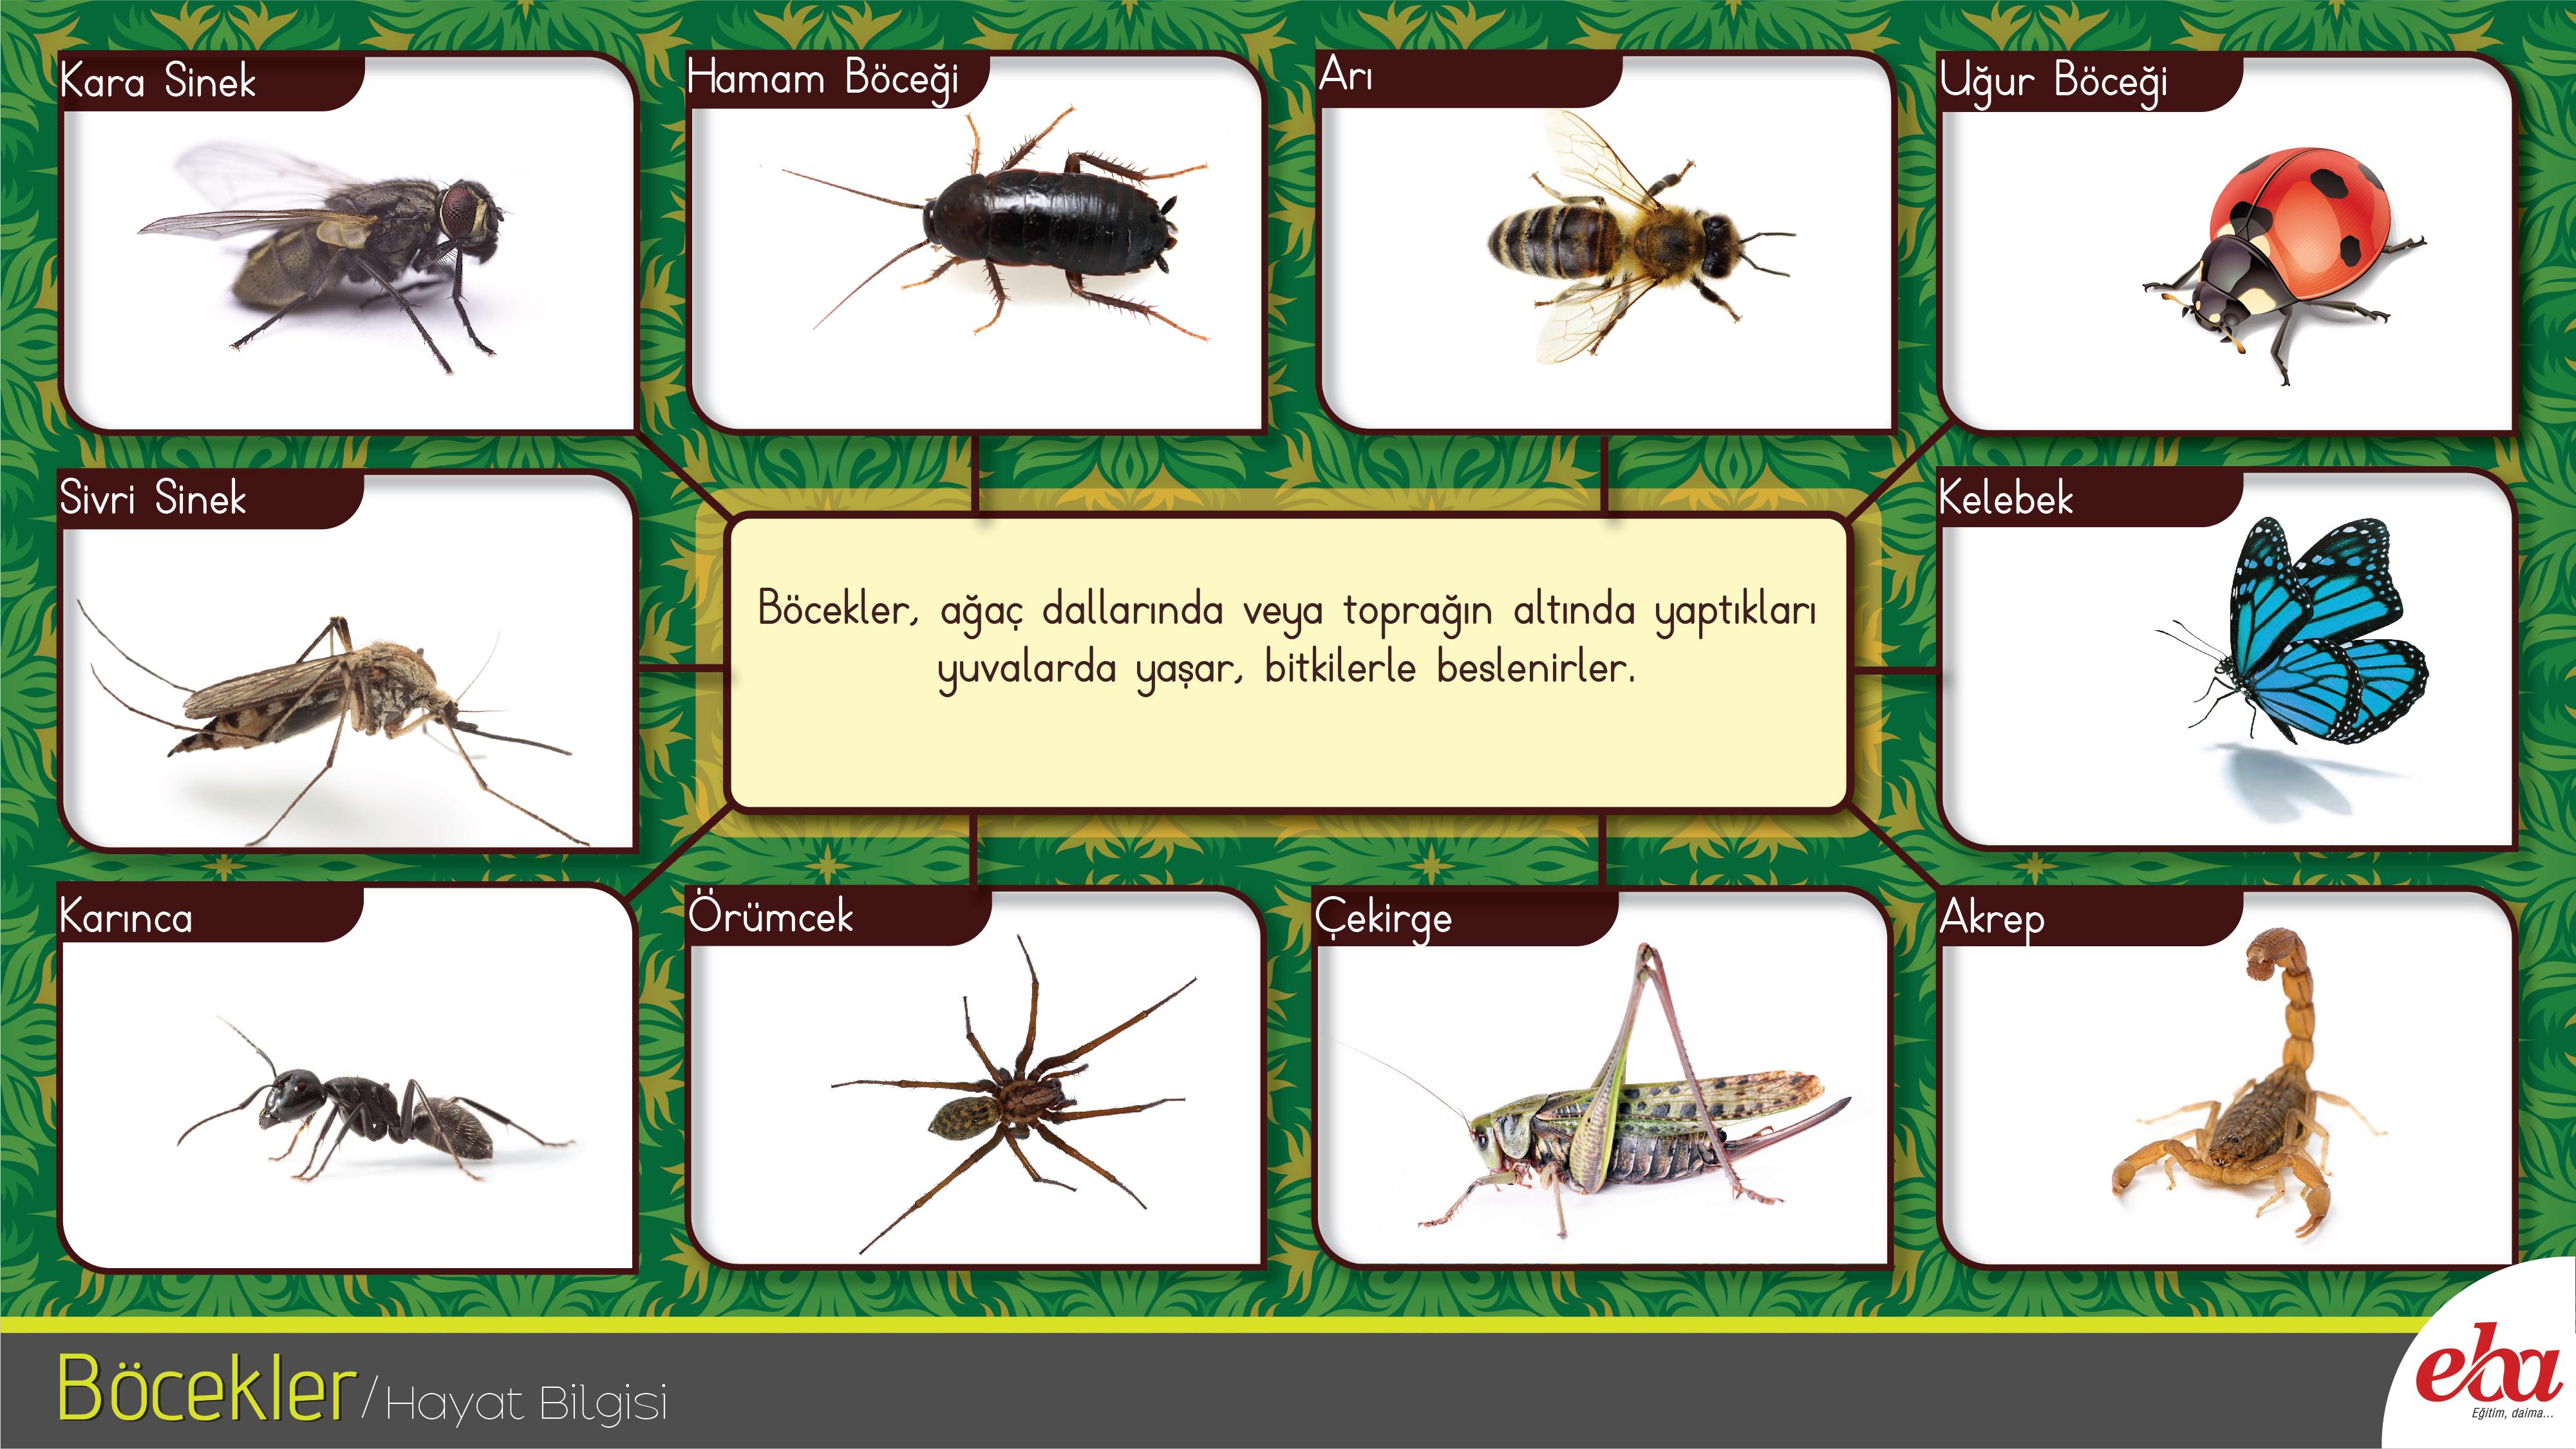 Dairede büyük hamamböceği var. Ne yapayım